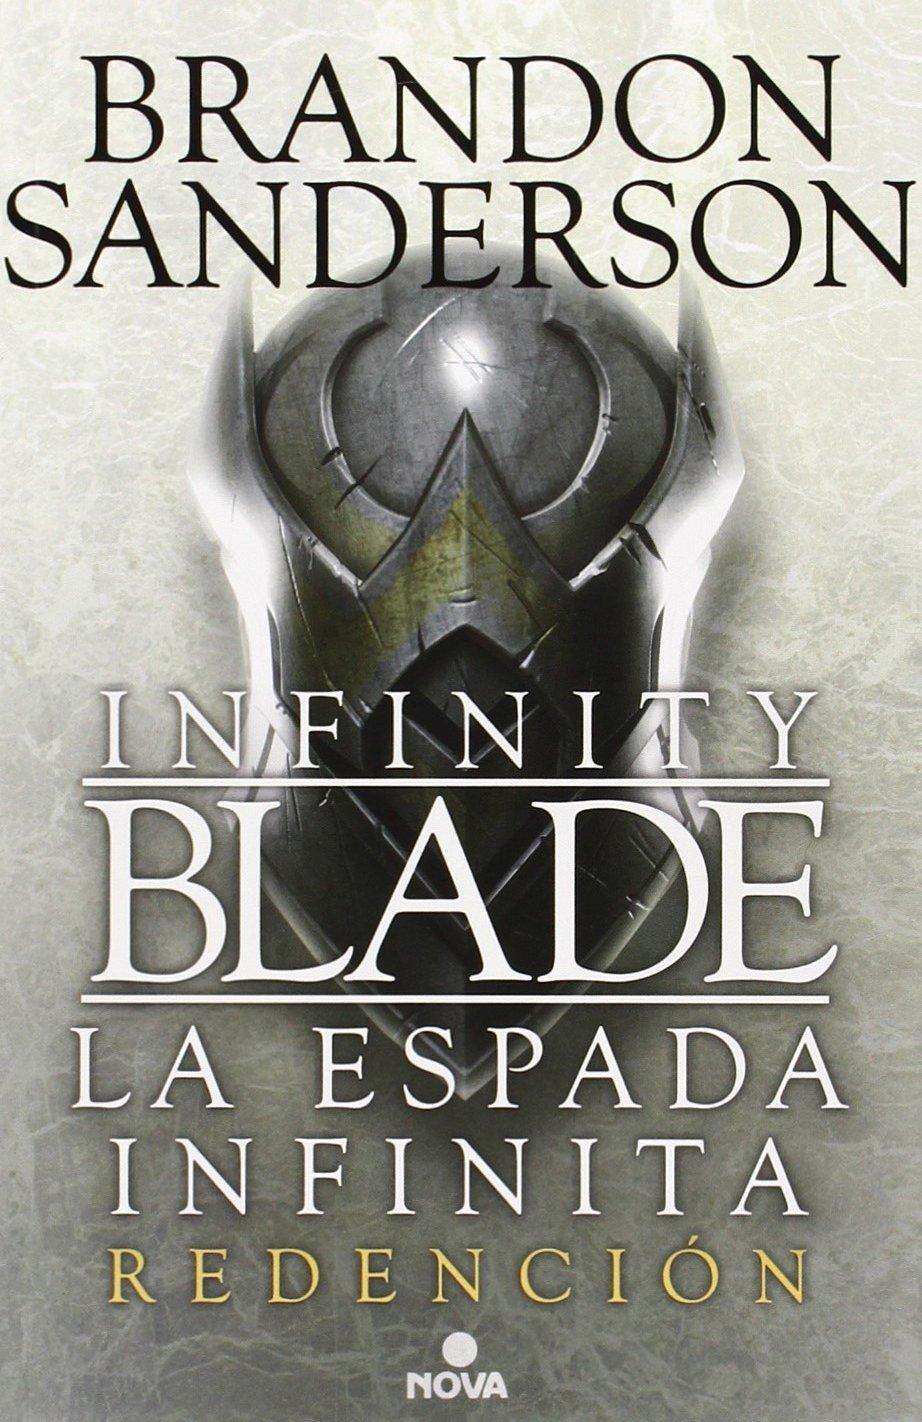 Redención (Infinity Blade [La espada infinita] 2) (Nova) Tapa blanda – 3 dic 2014 Brandon Sanderson 8466655794 Fantasy - Epic FICTION / Fantasy / Epic